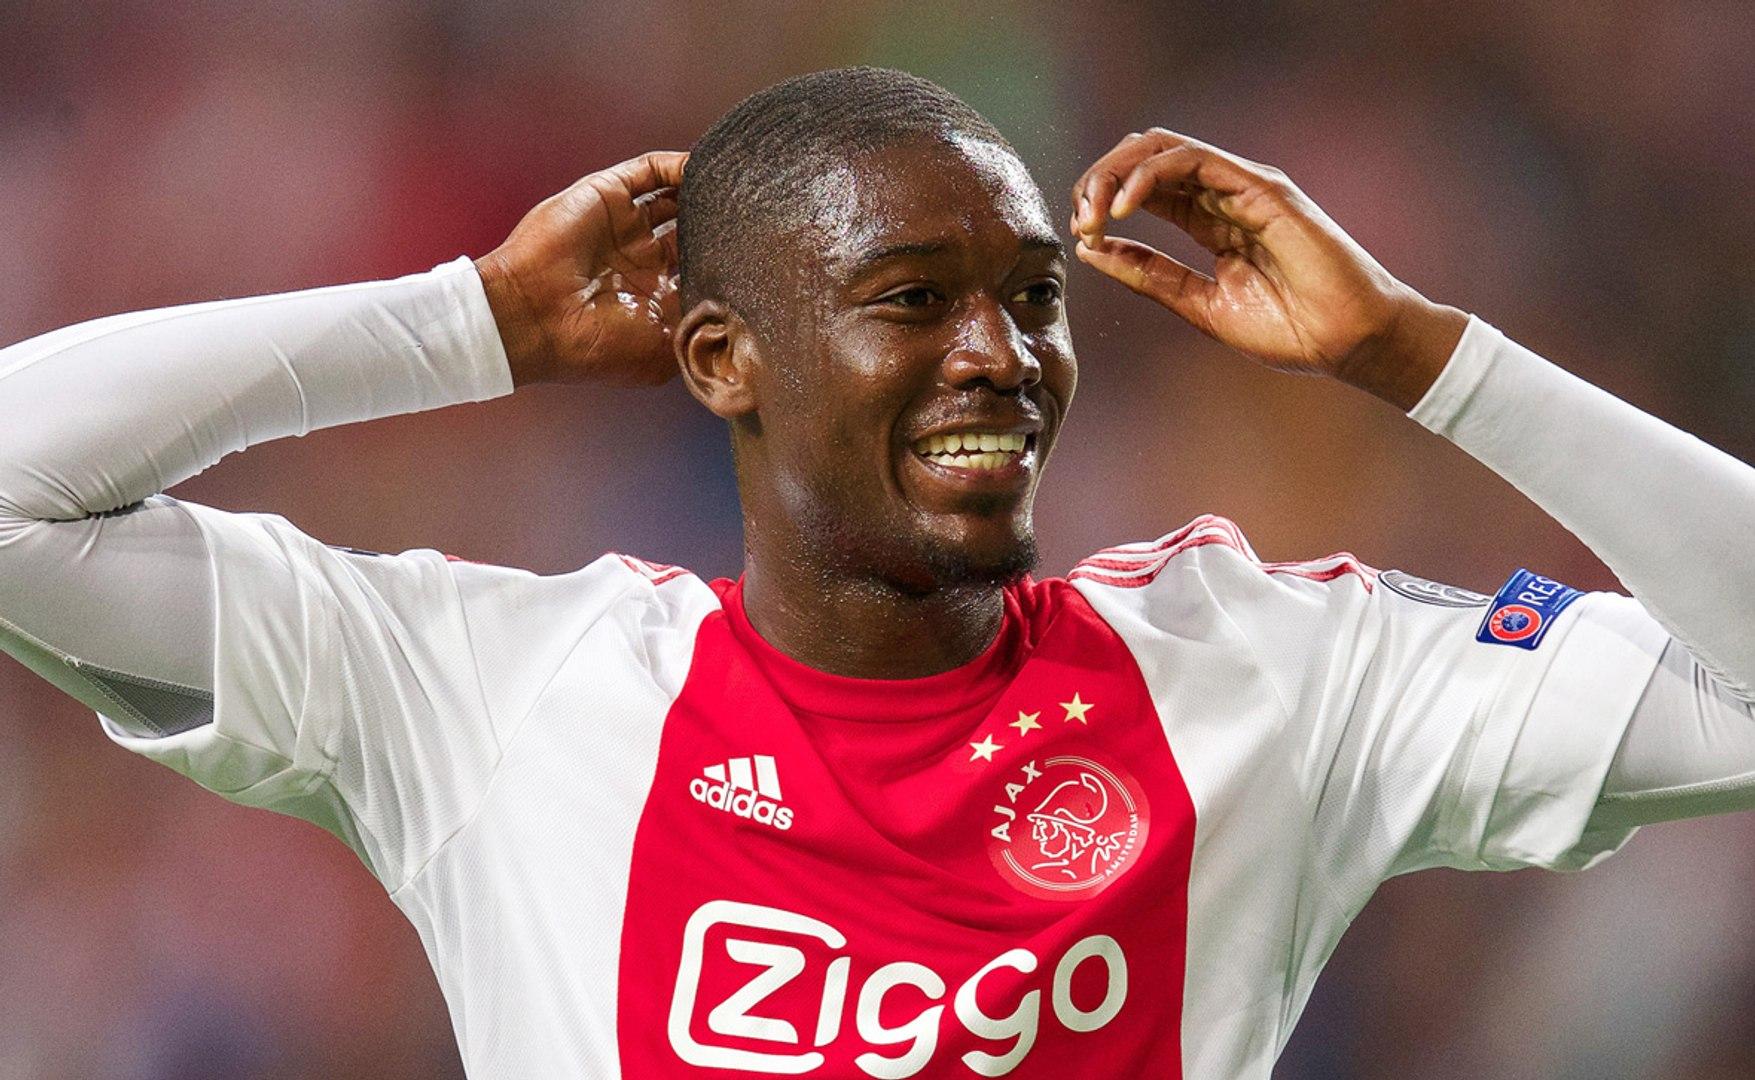 Le triplé de Sanogo en amical avec l'Ajax